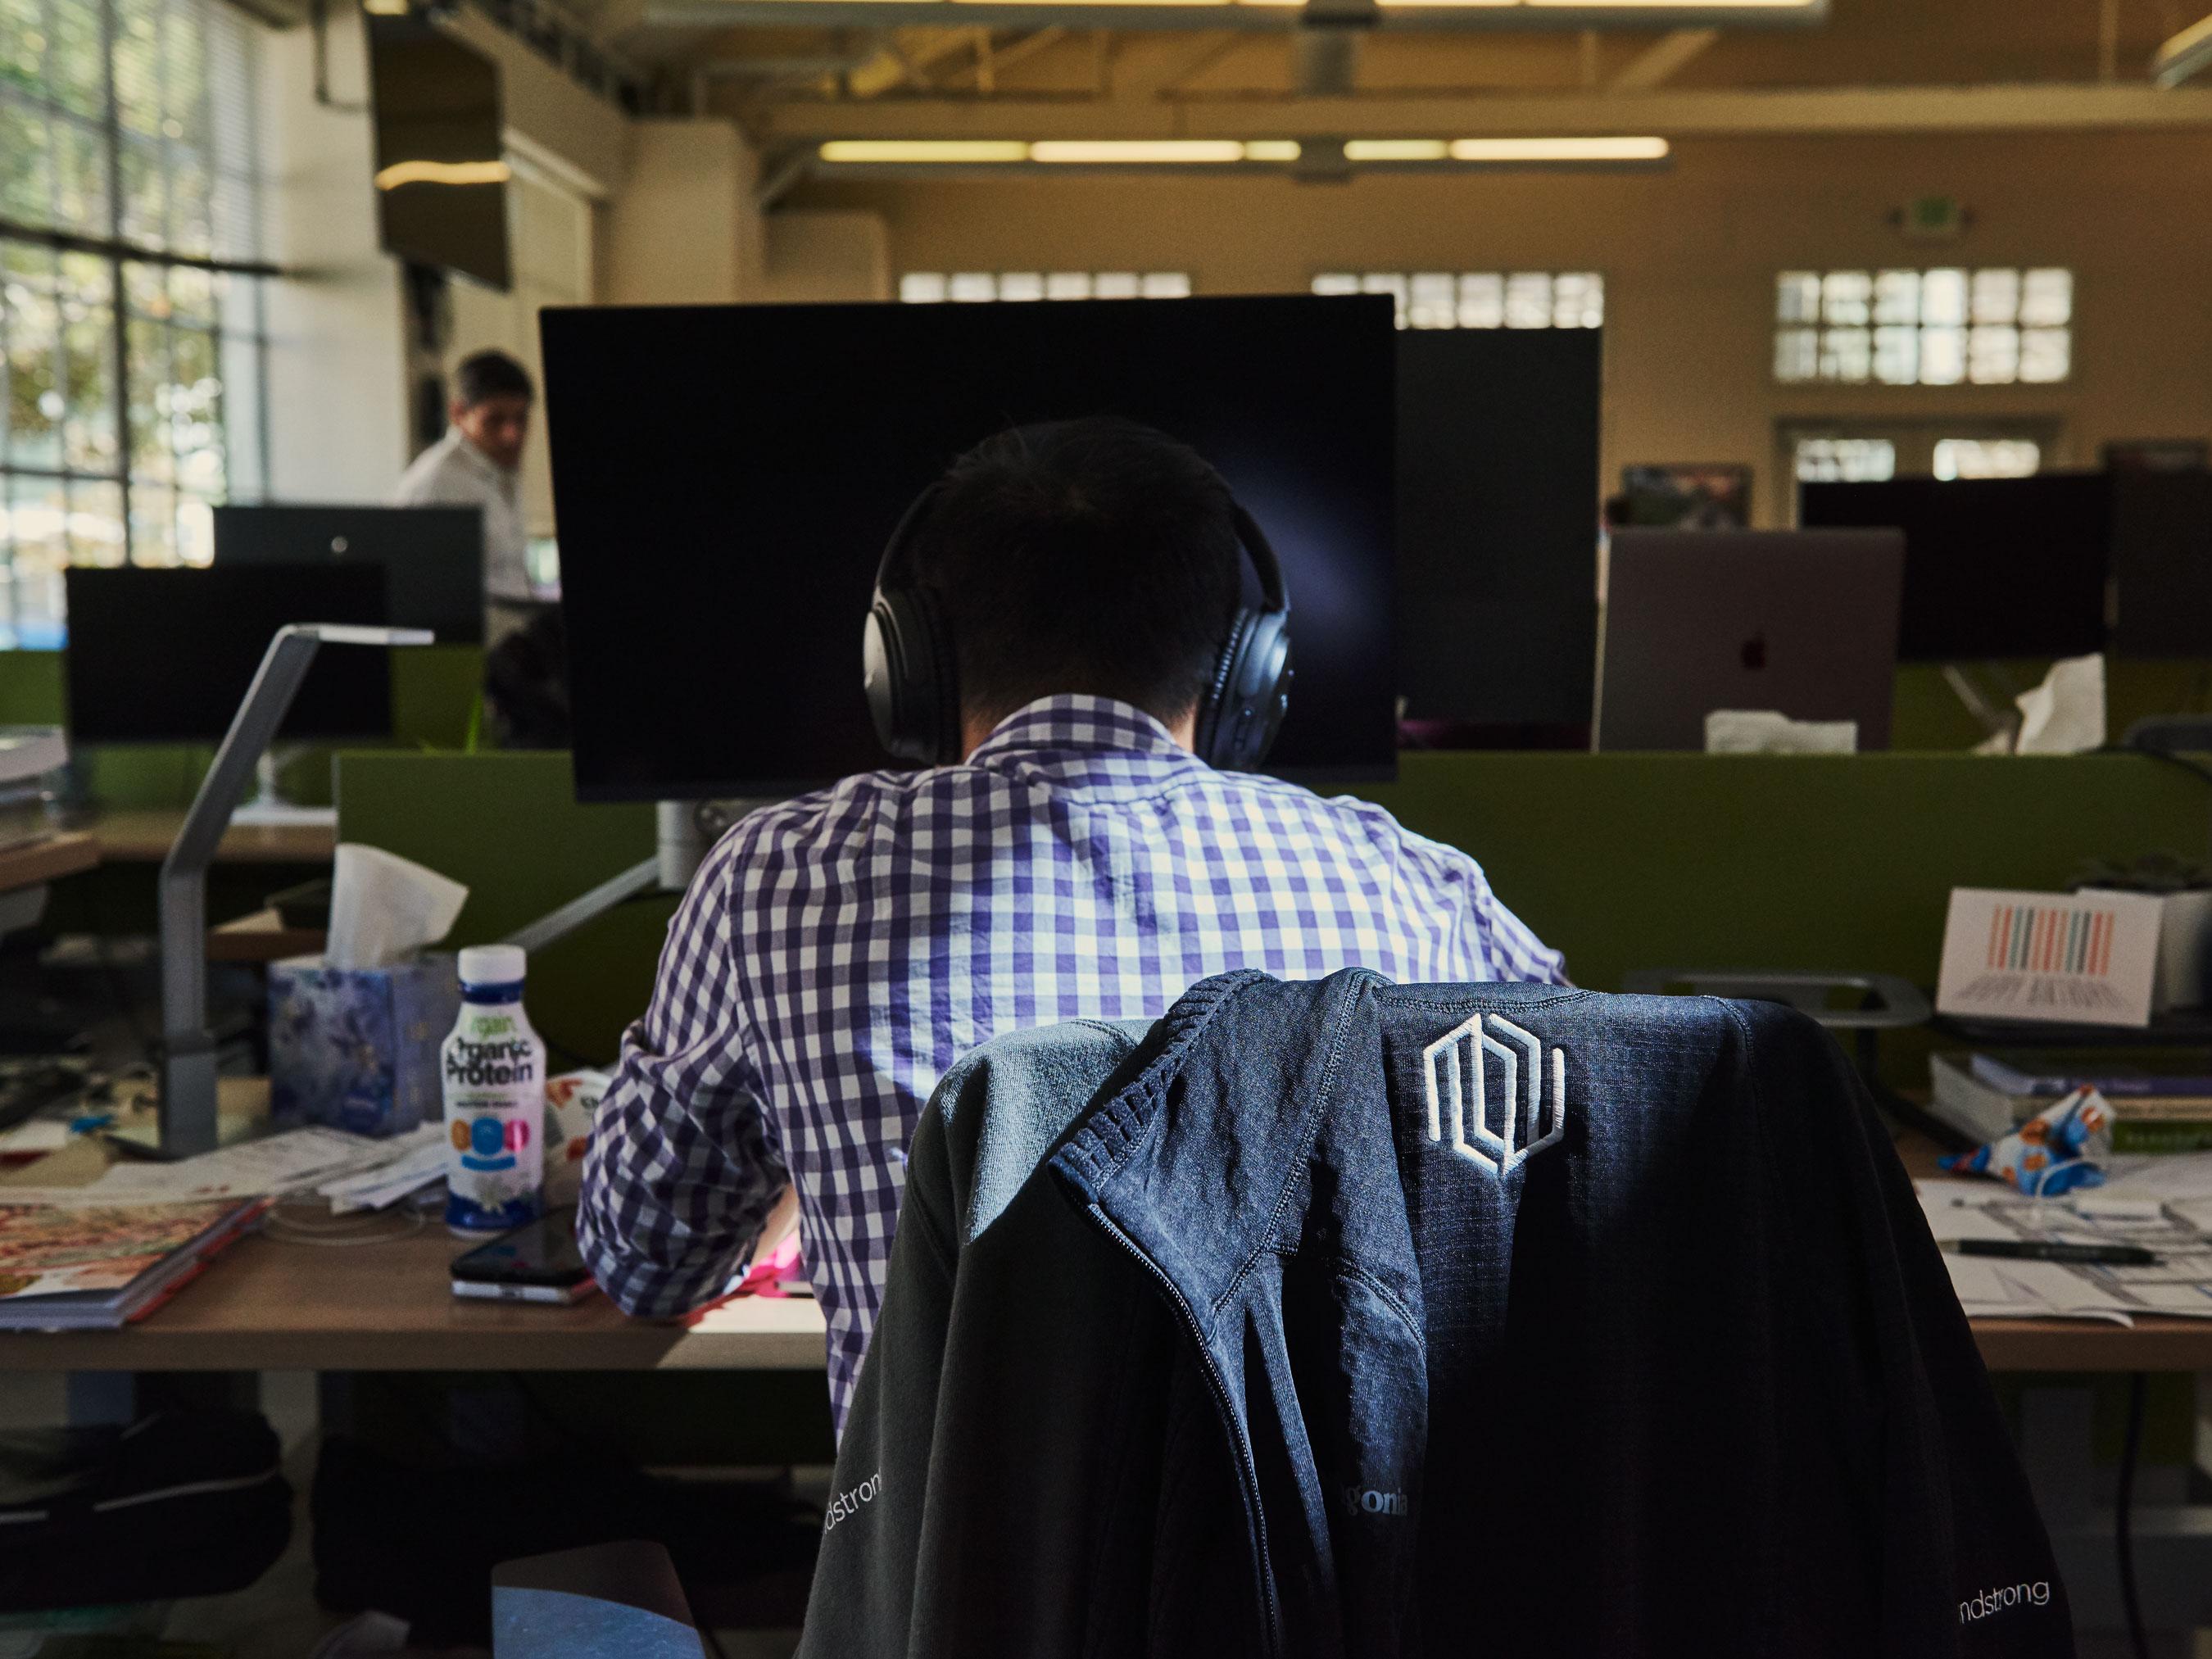 La startup de Palo Alto quiere que su salud mental se adapte a su vida cotidiana.